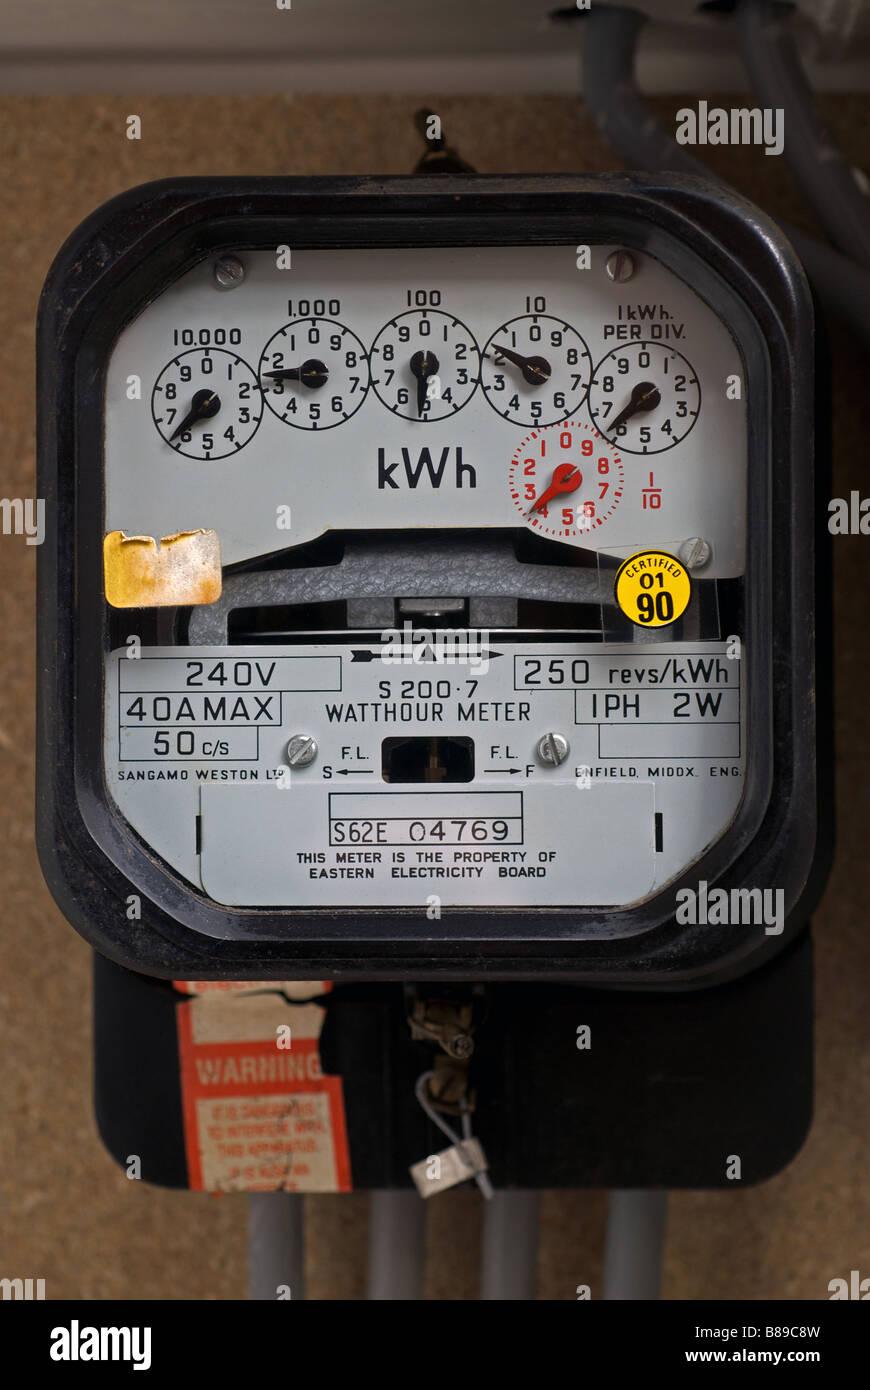 Meter With Dials Stockfotos & Meter With Dials Bilder - Alamy